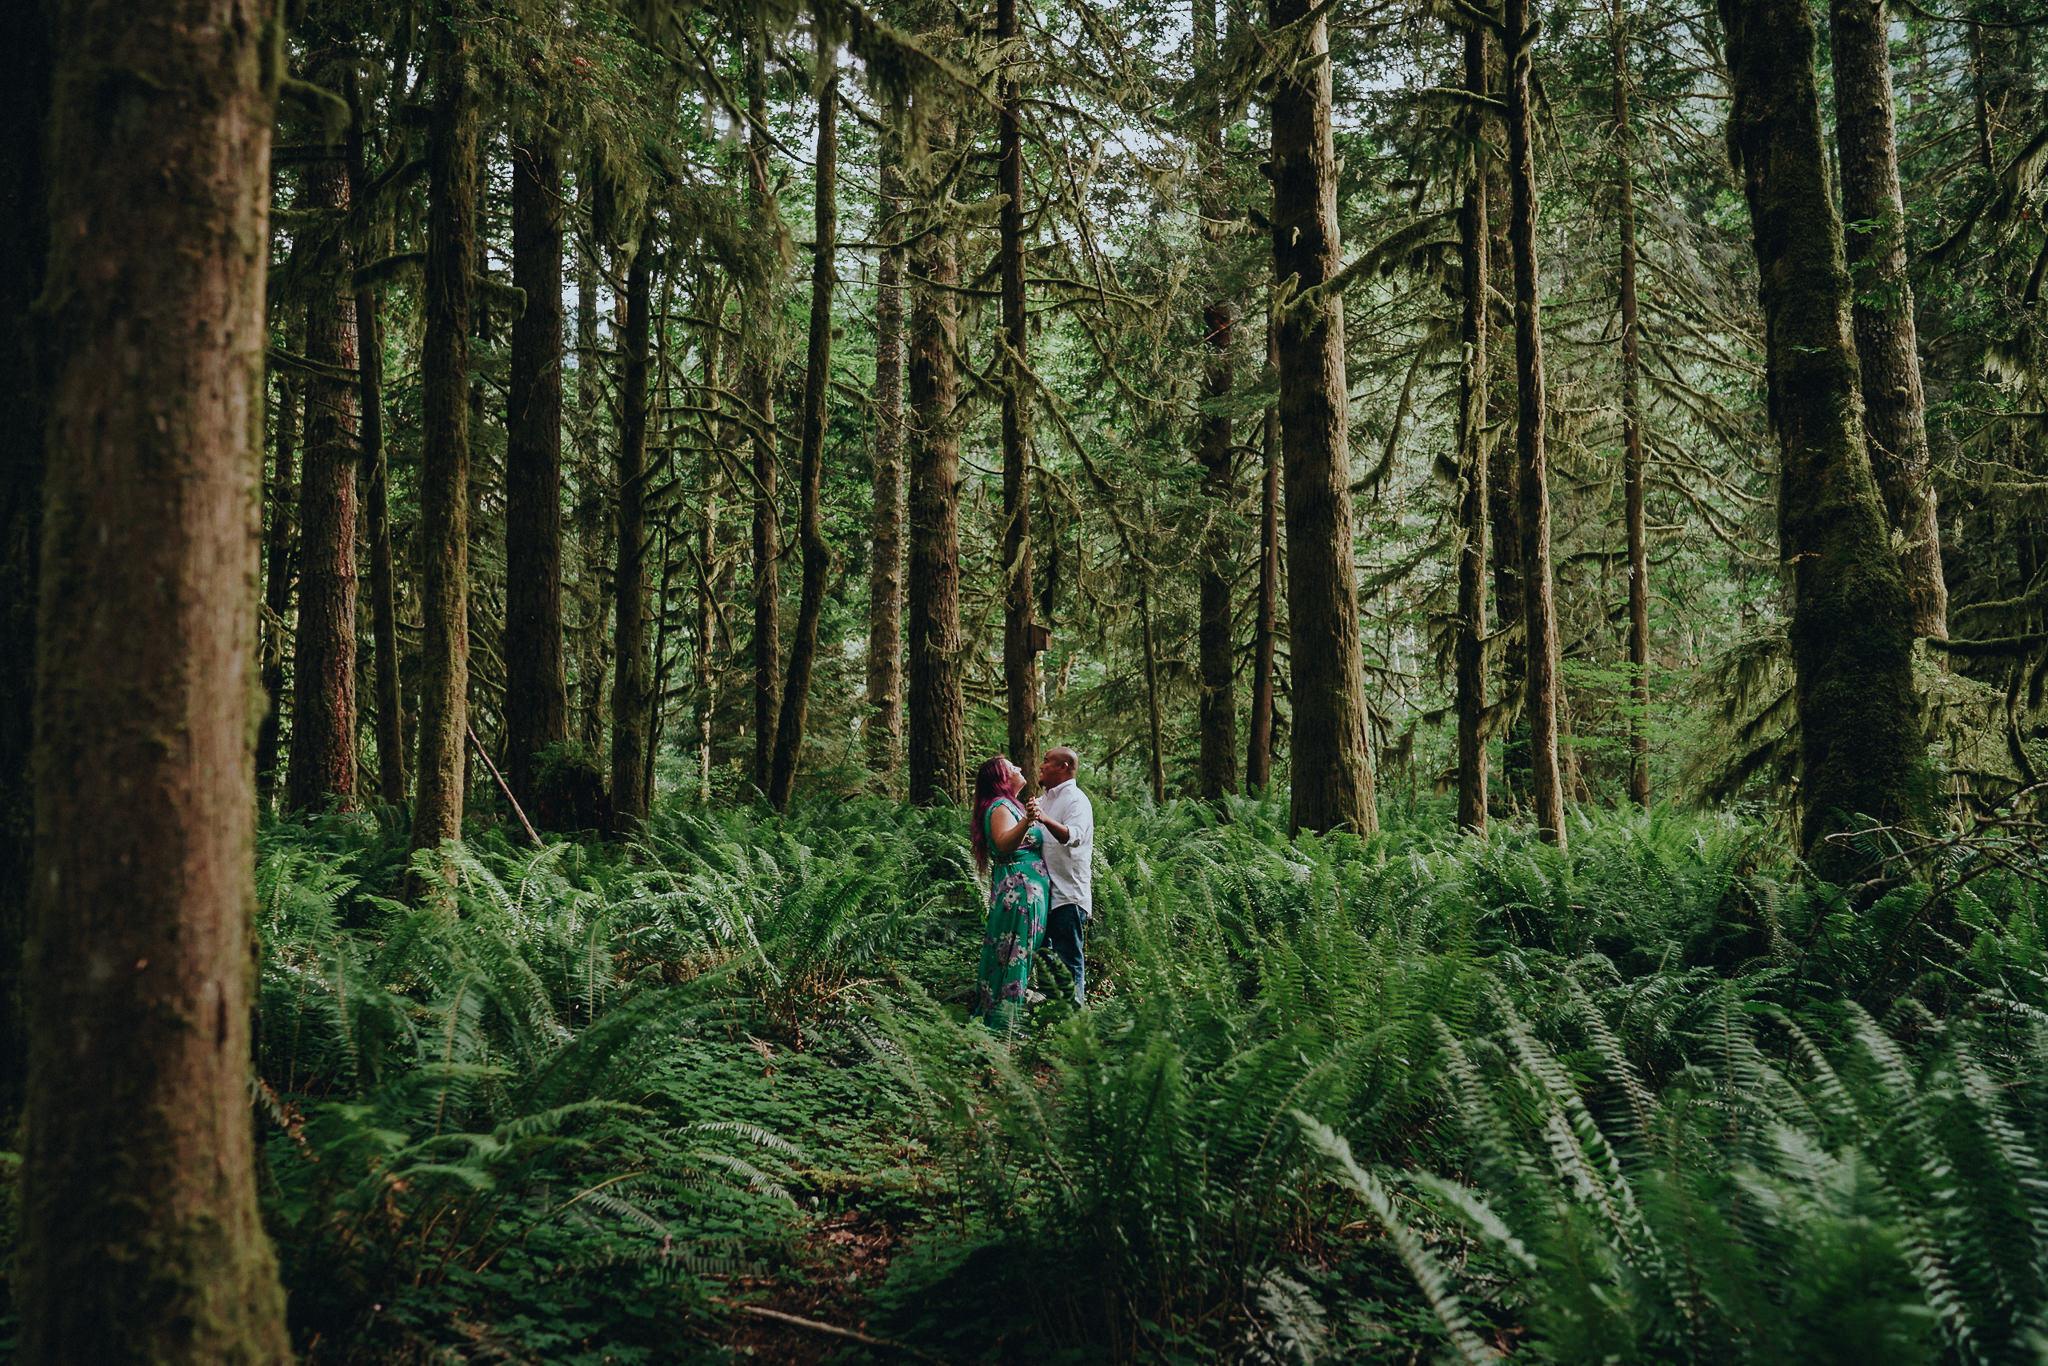 Dance-Ferns-Forest-Elopement-Photographer